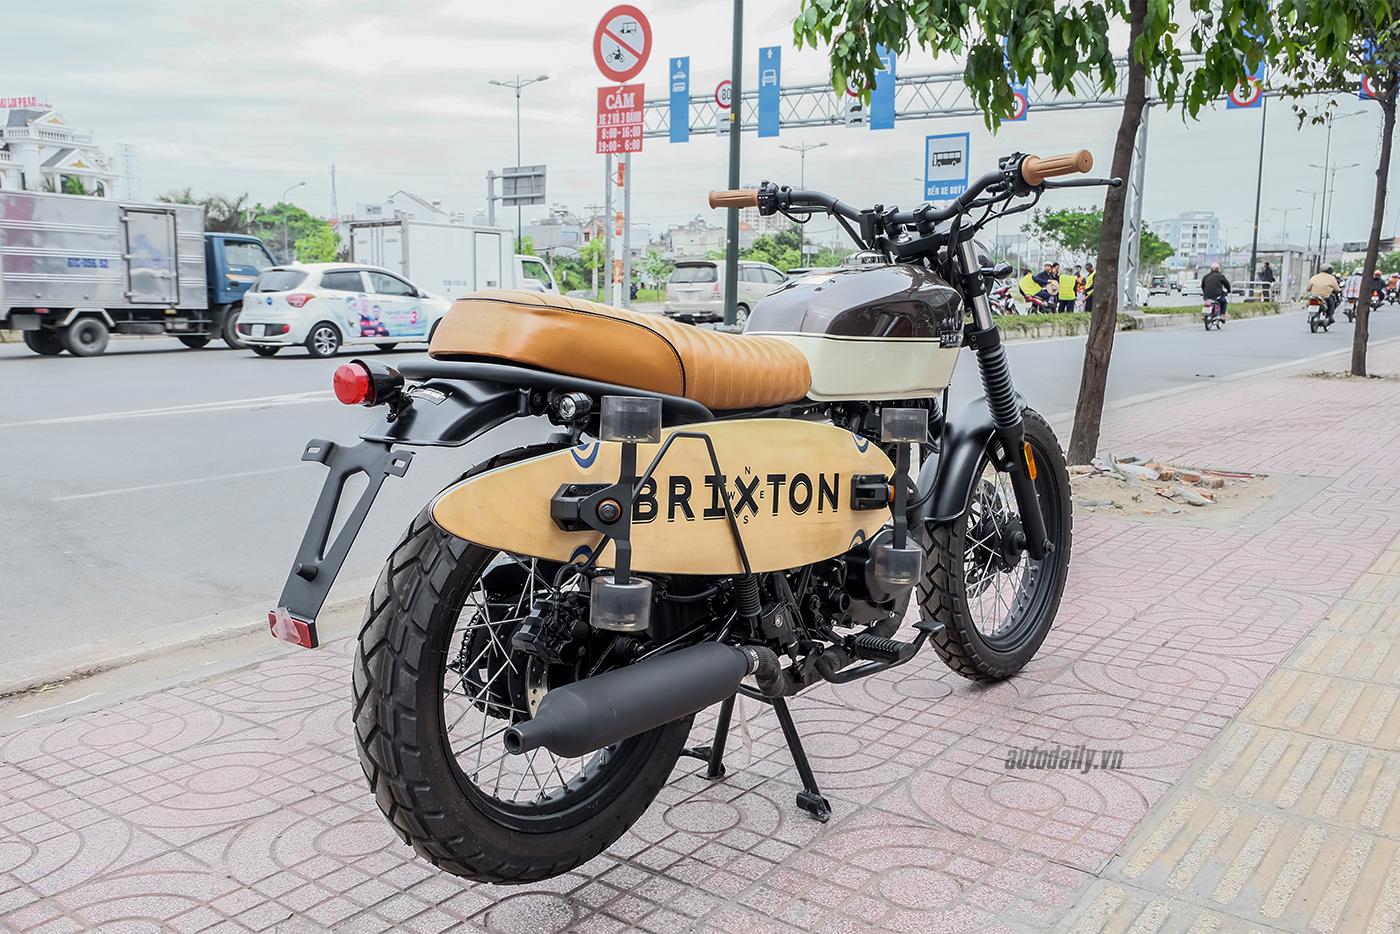 brixton-bx-150-classic-ltd-15.jpg